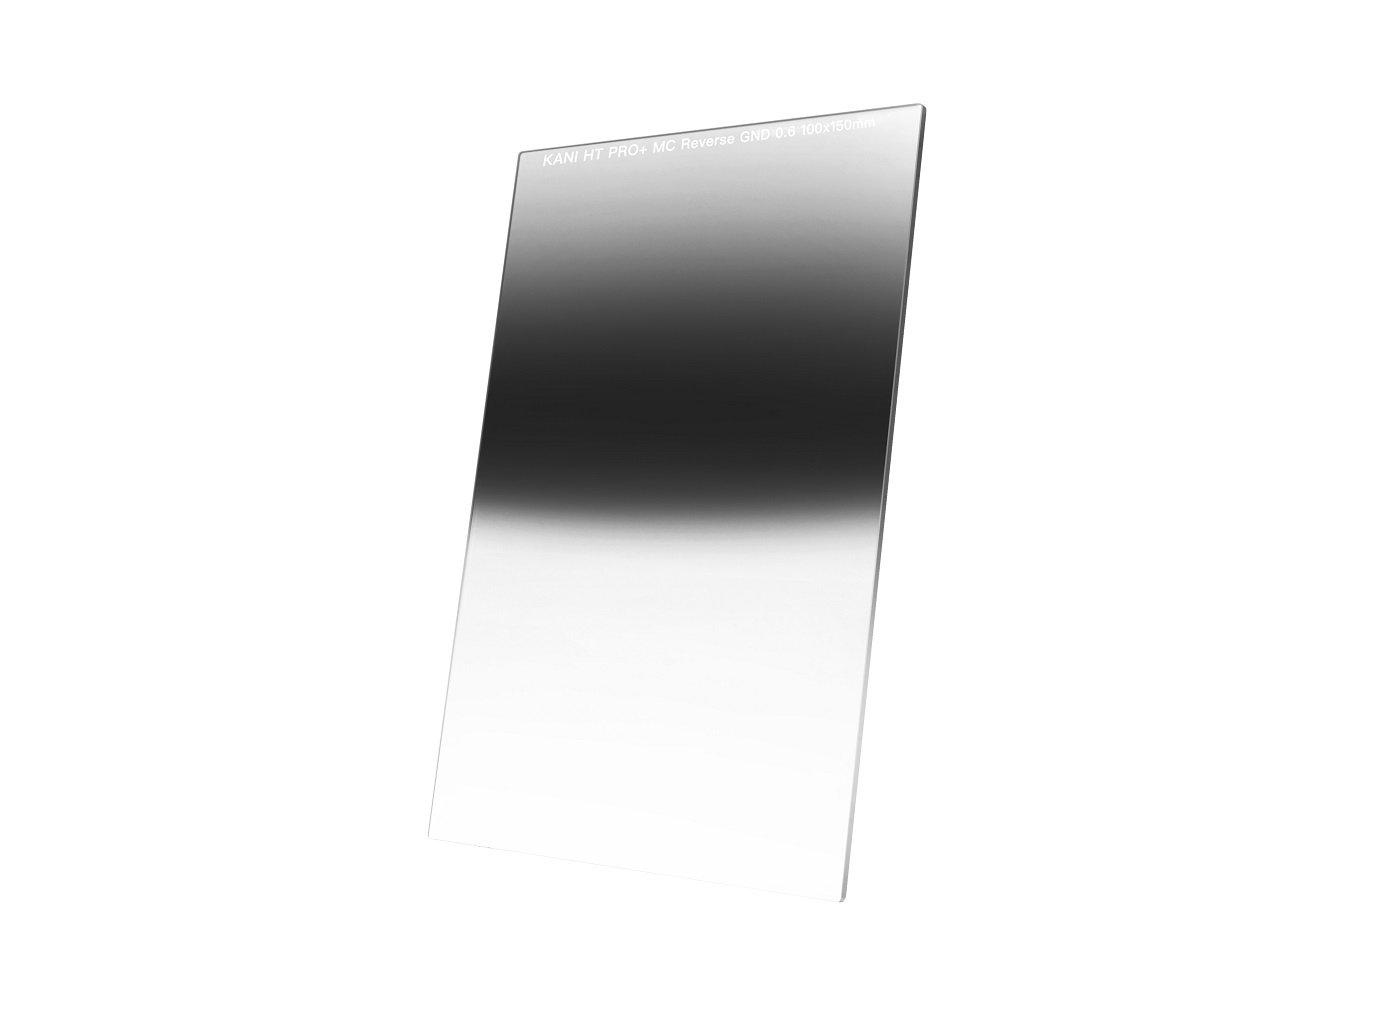 【KANI】 角型ハーフフィルター 光量調節用 REVERSE GND0.6 (150 x 100mm) 150 x 100mm  B075KMZBSJ